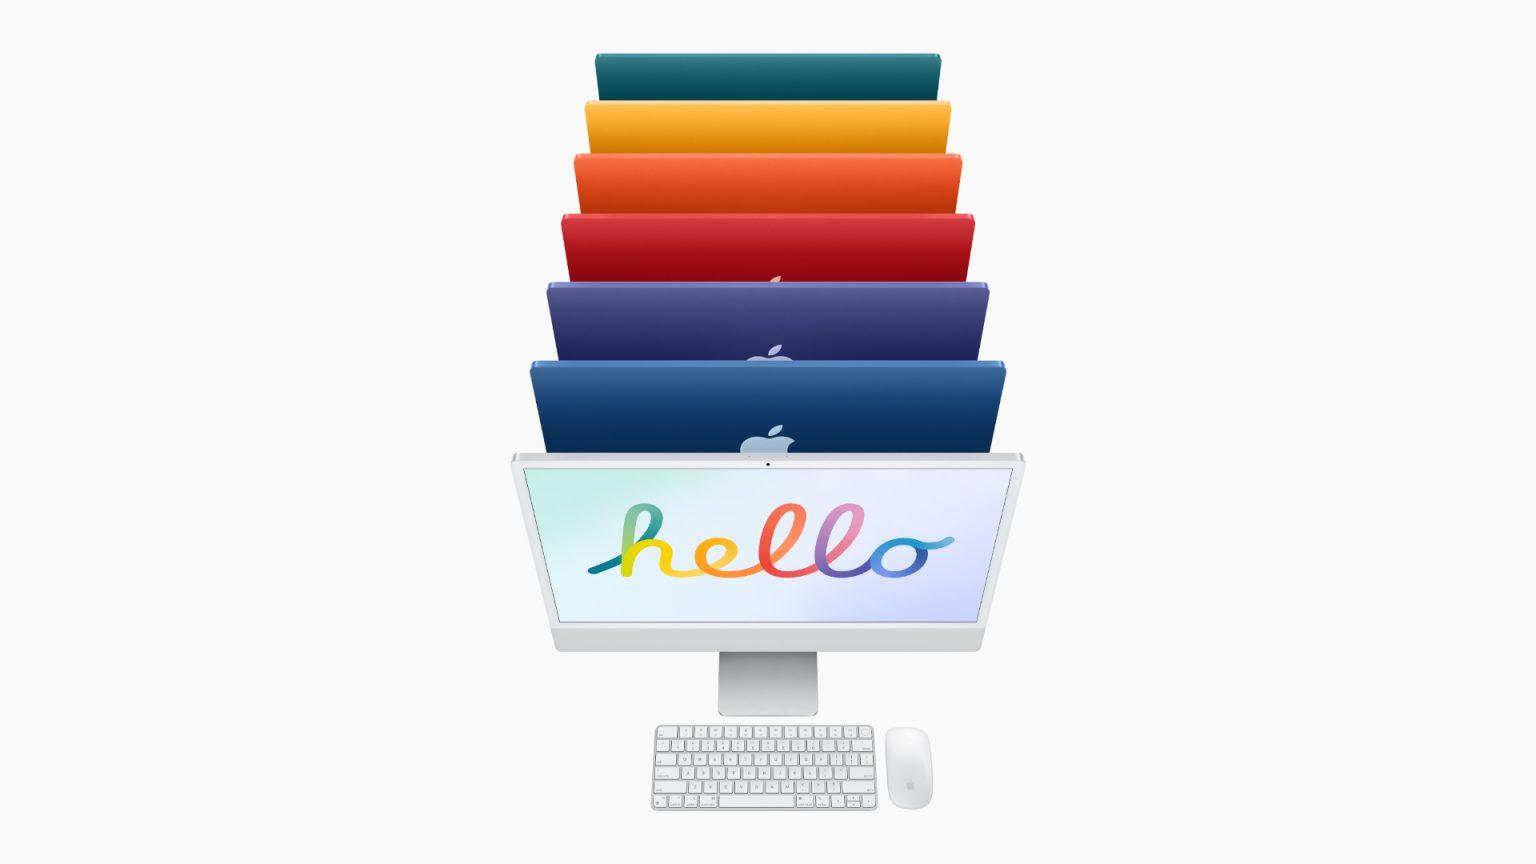 M1 iMac color options